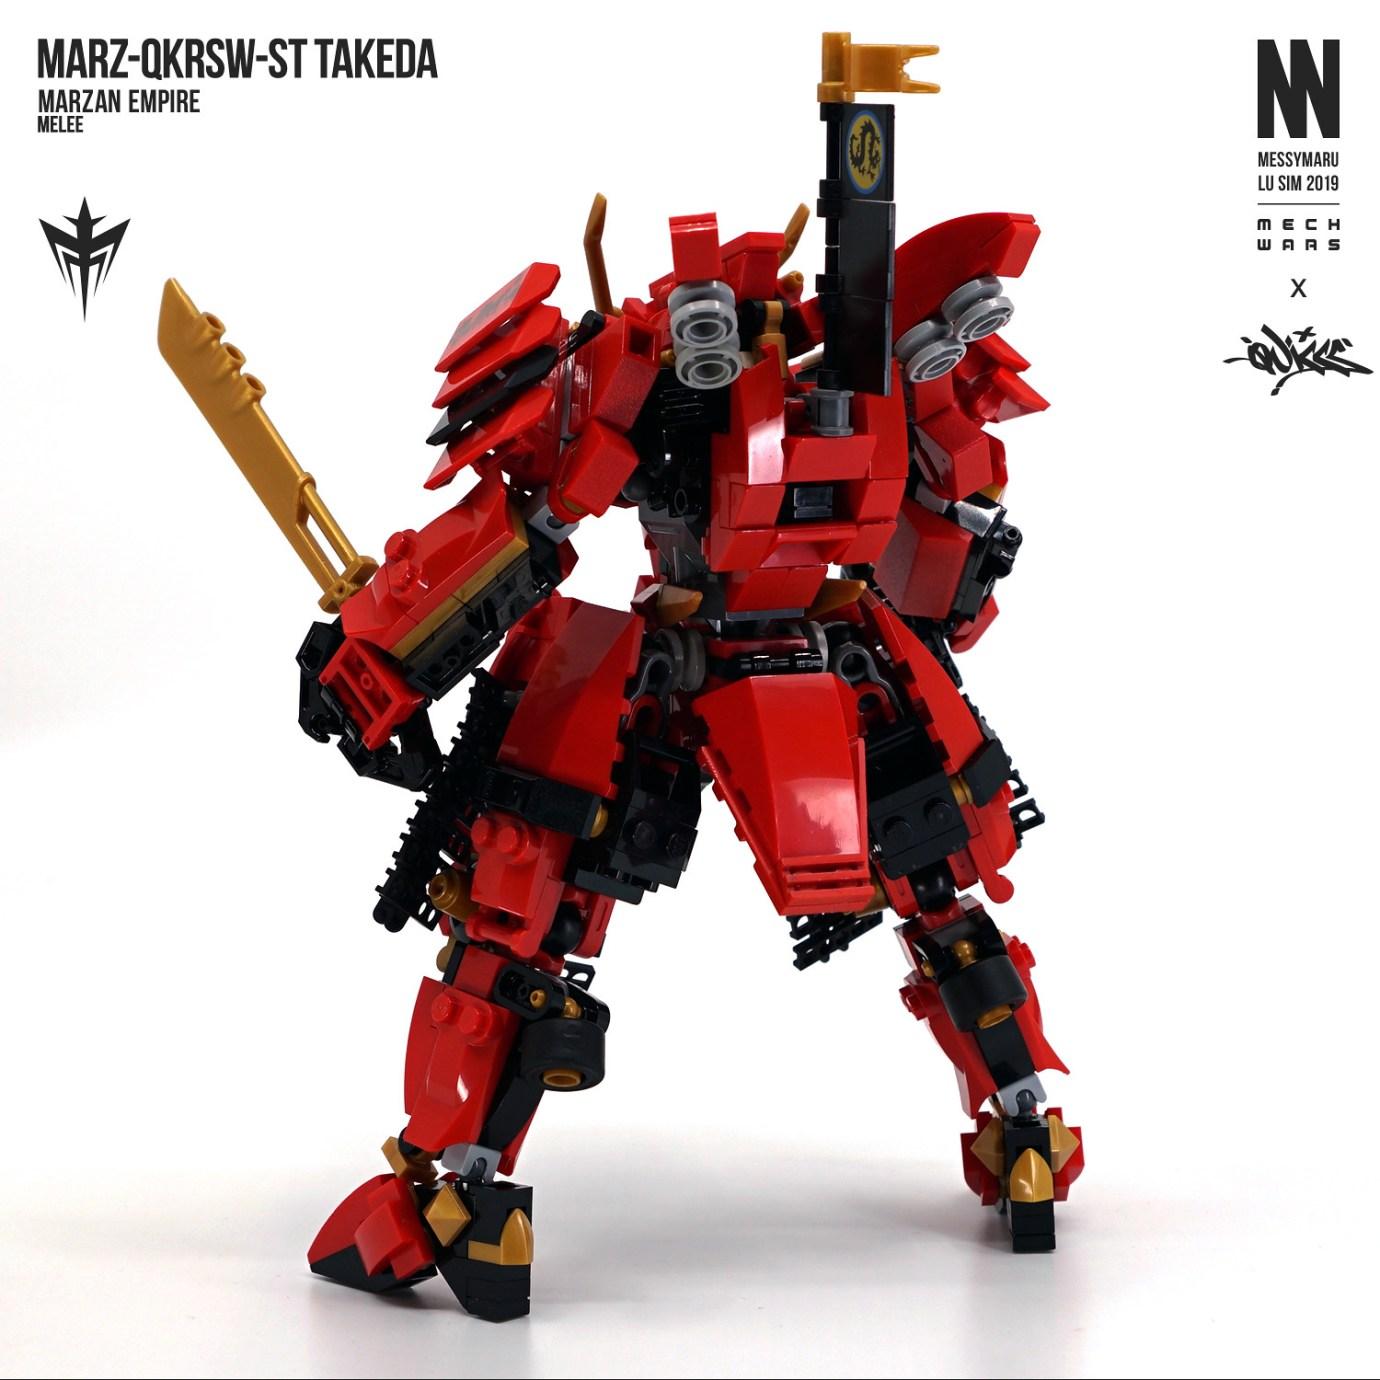 MARZ-QKRSW-ST Takeda